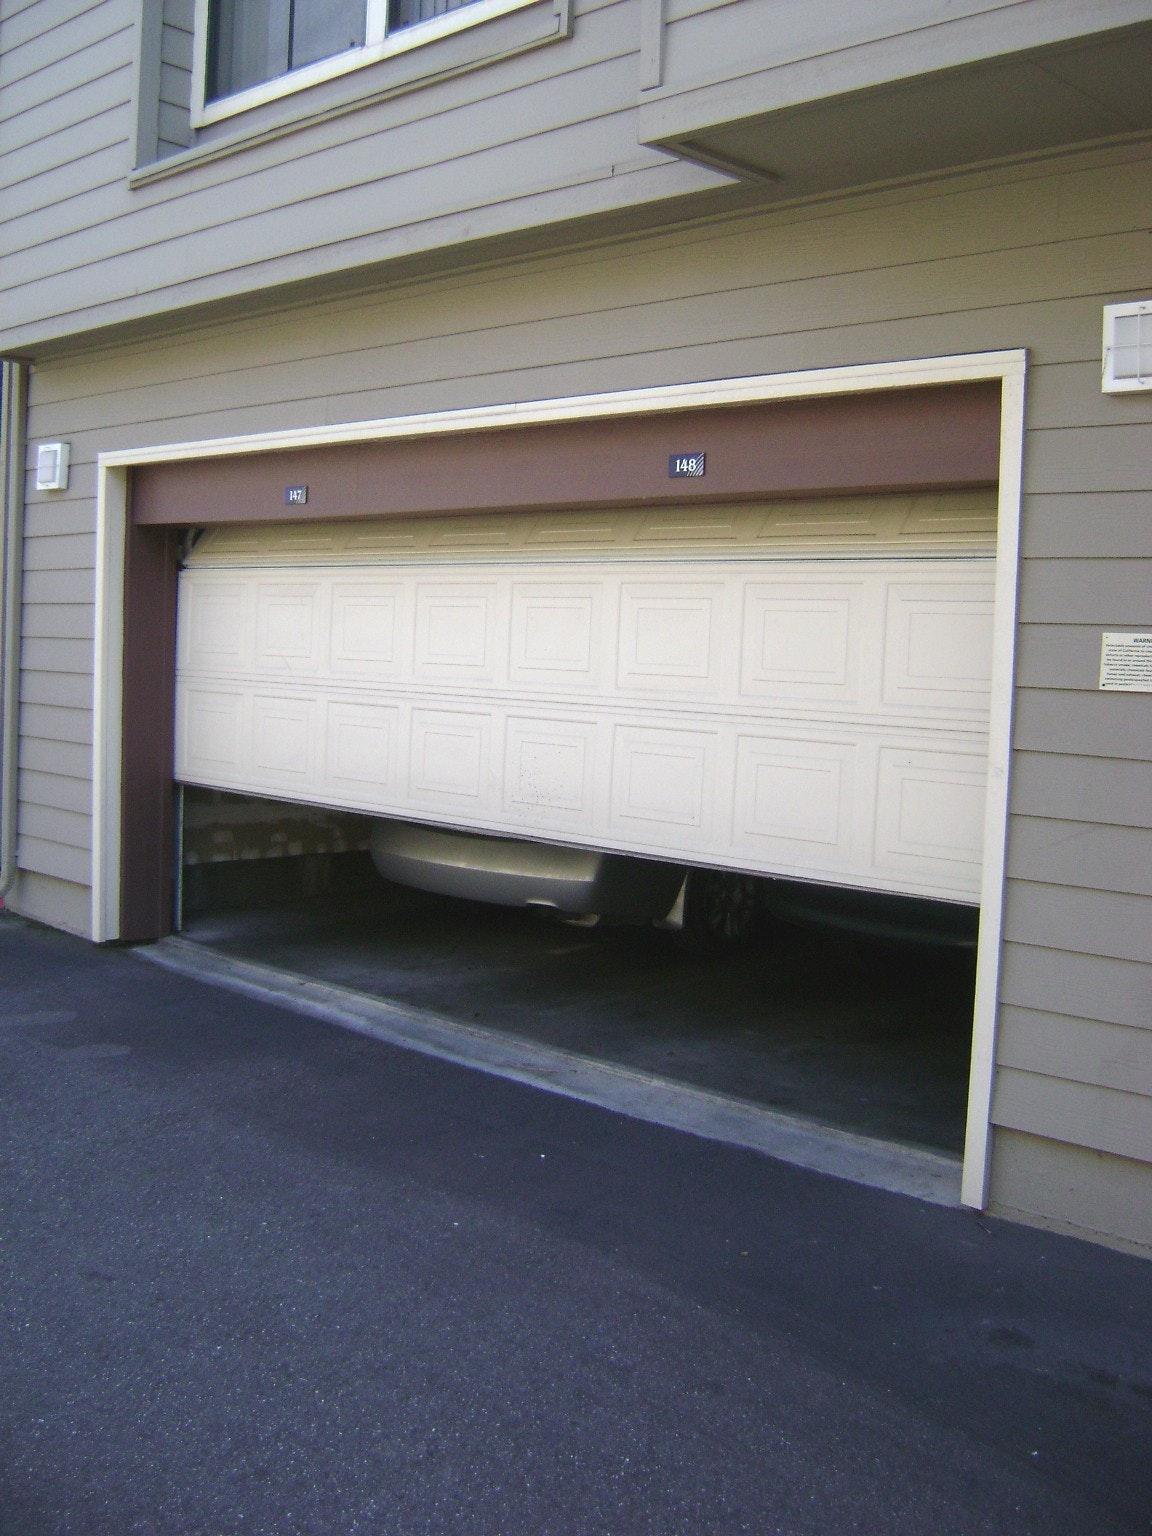 Voice Controlled Garage Door Opener With Alexa